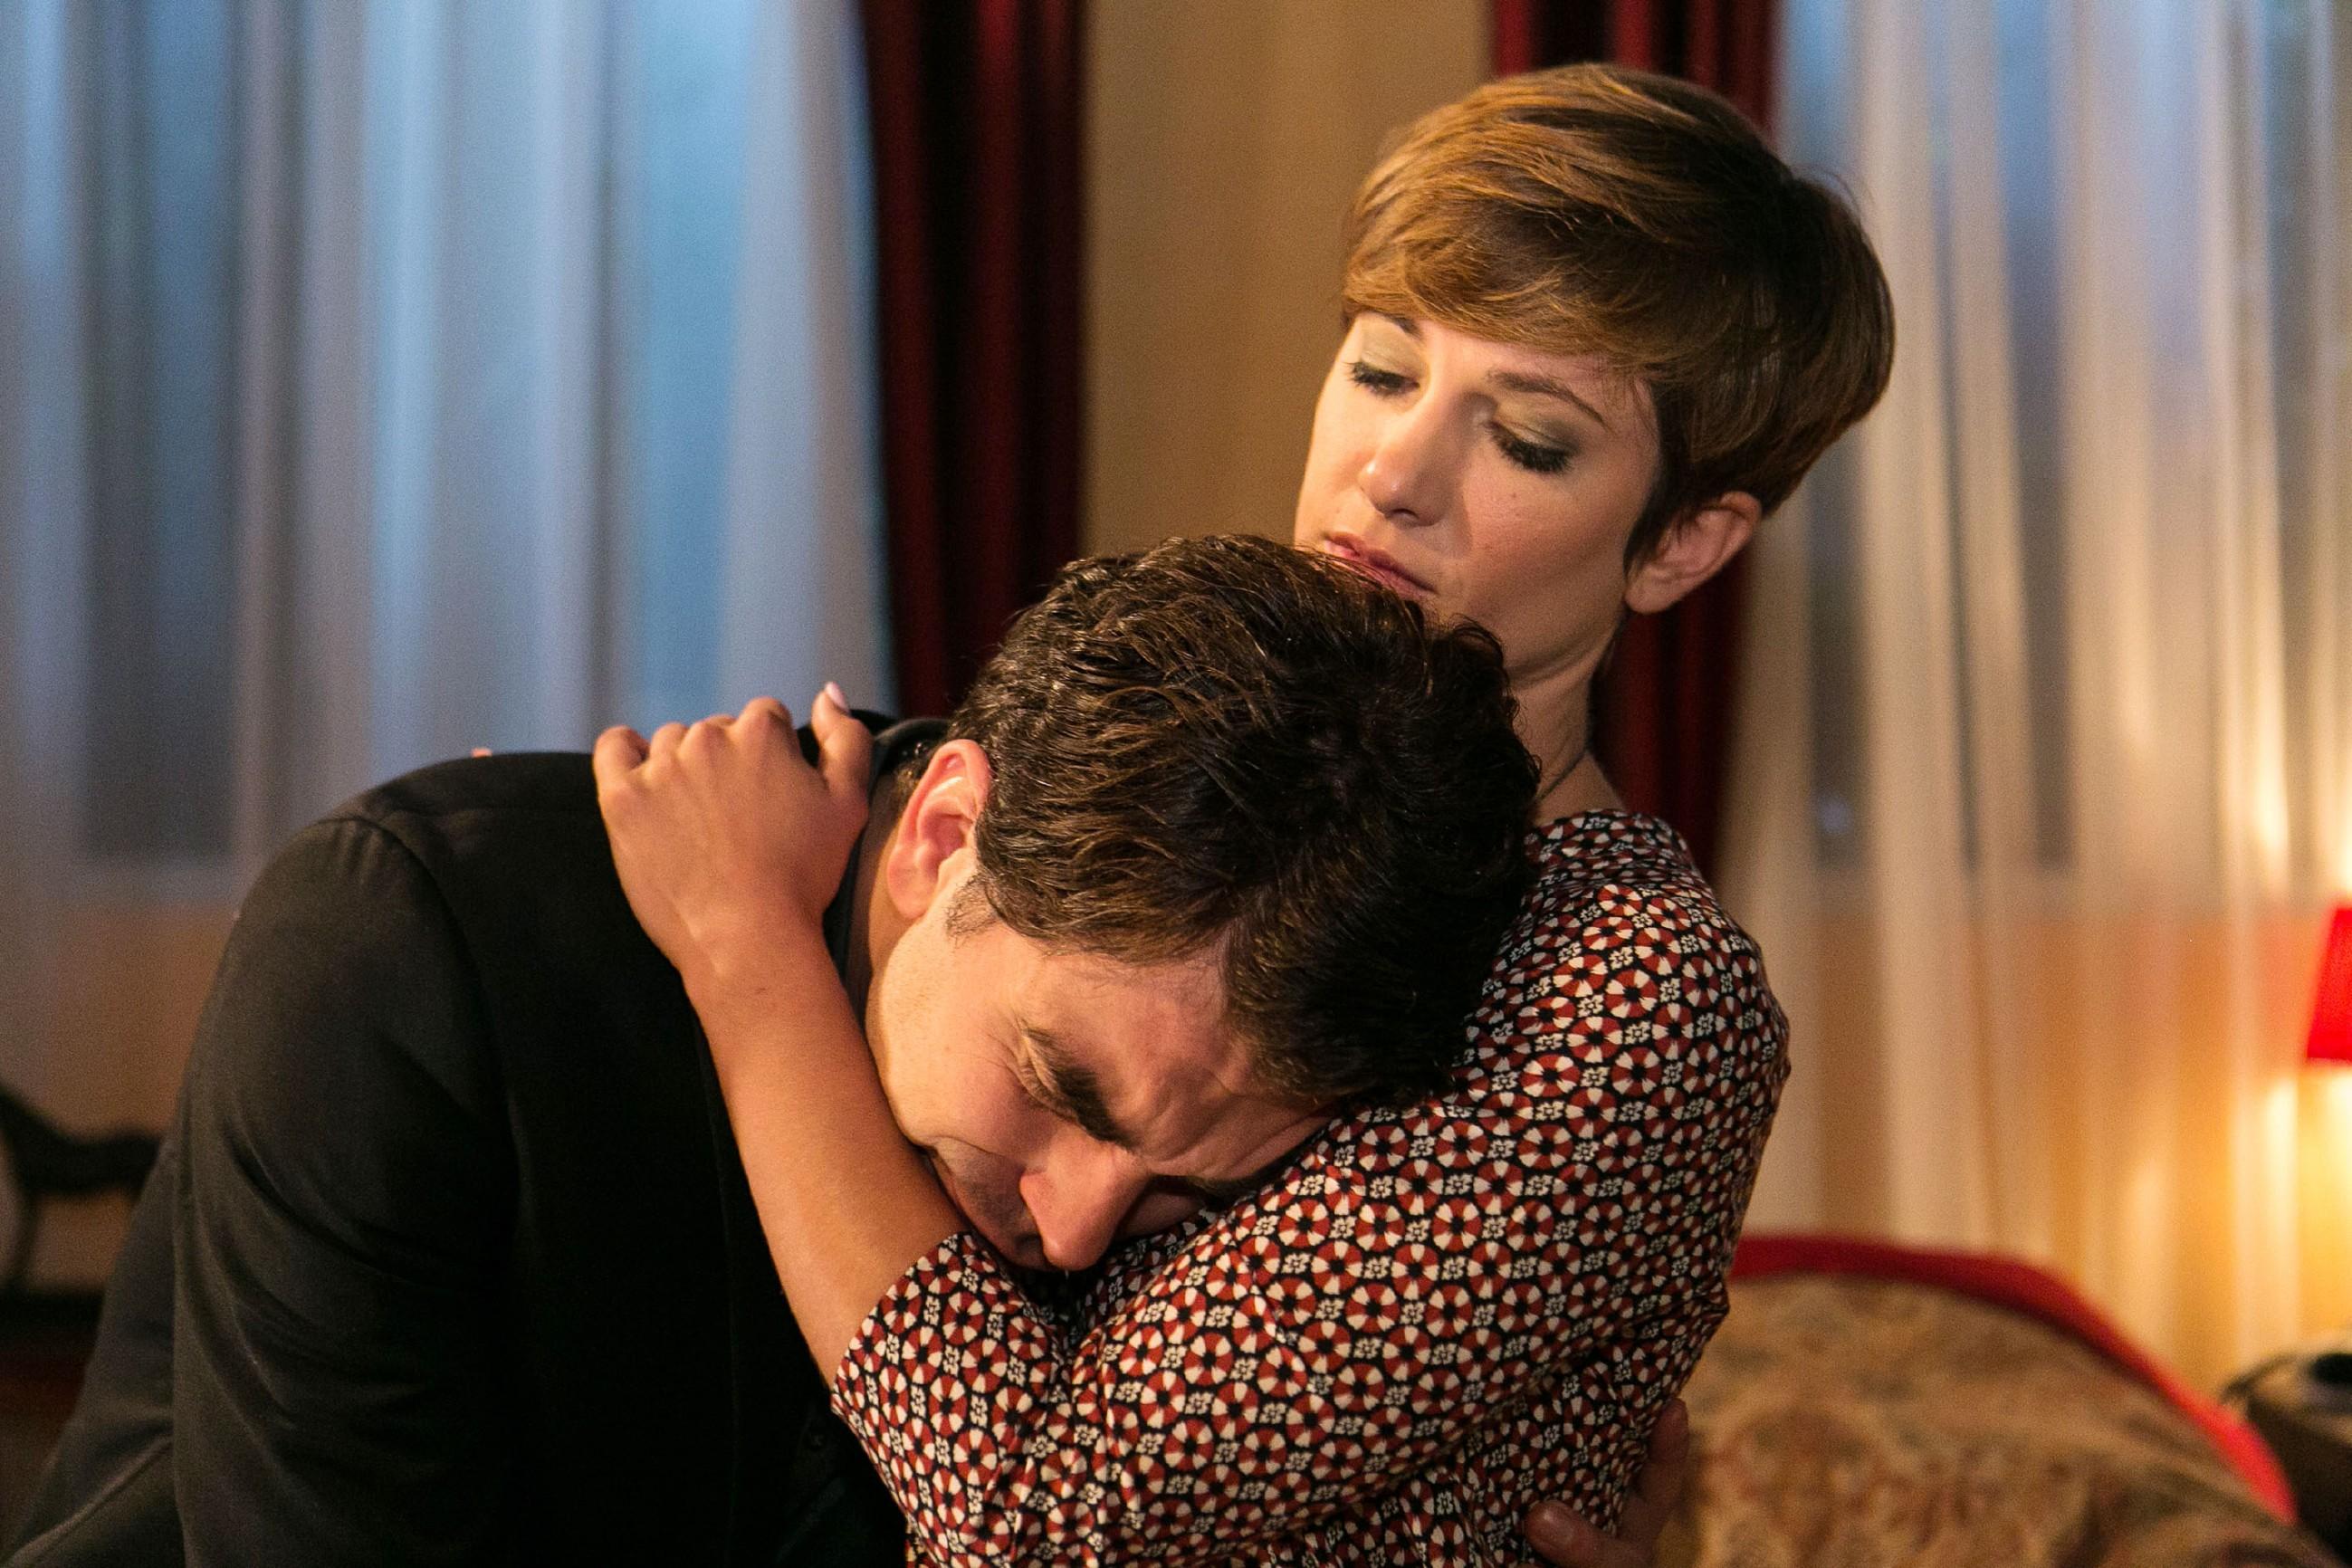 Unter dem Eindruck der aufwühlenden Ereignisse, erliegen Pia (Isabell Horn) und Veit (Carsten Clemens) der magischen Anziehungskraft zueinander... (Quelle: © RTL / Kai Schulz)